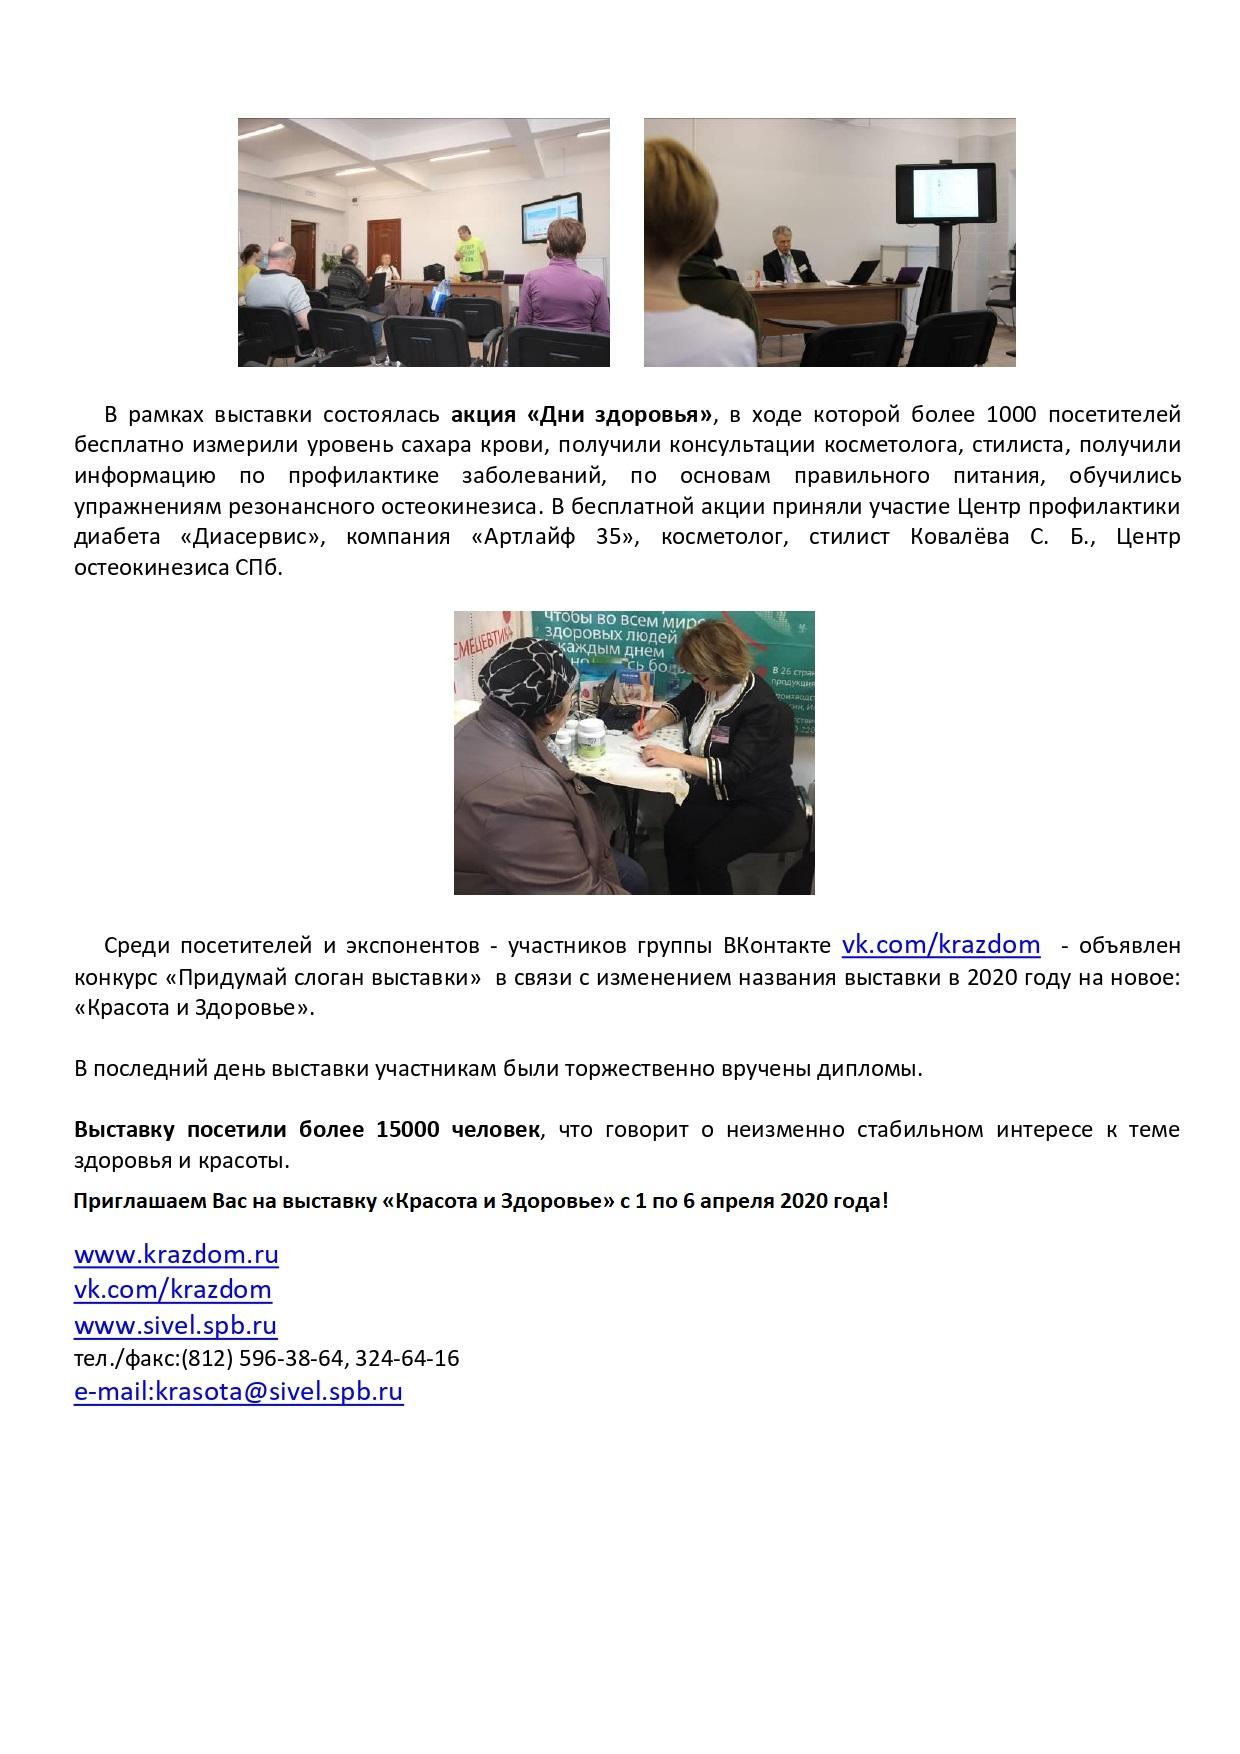 Пост-релиз-ноябрь-2019_уменьшенные-разрешения-рисунков_page-0004_апрель